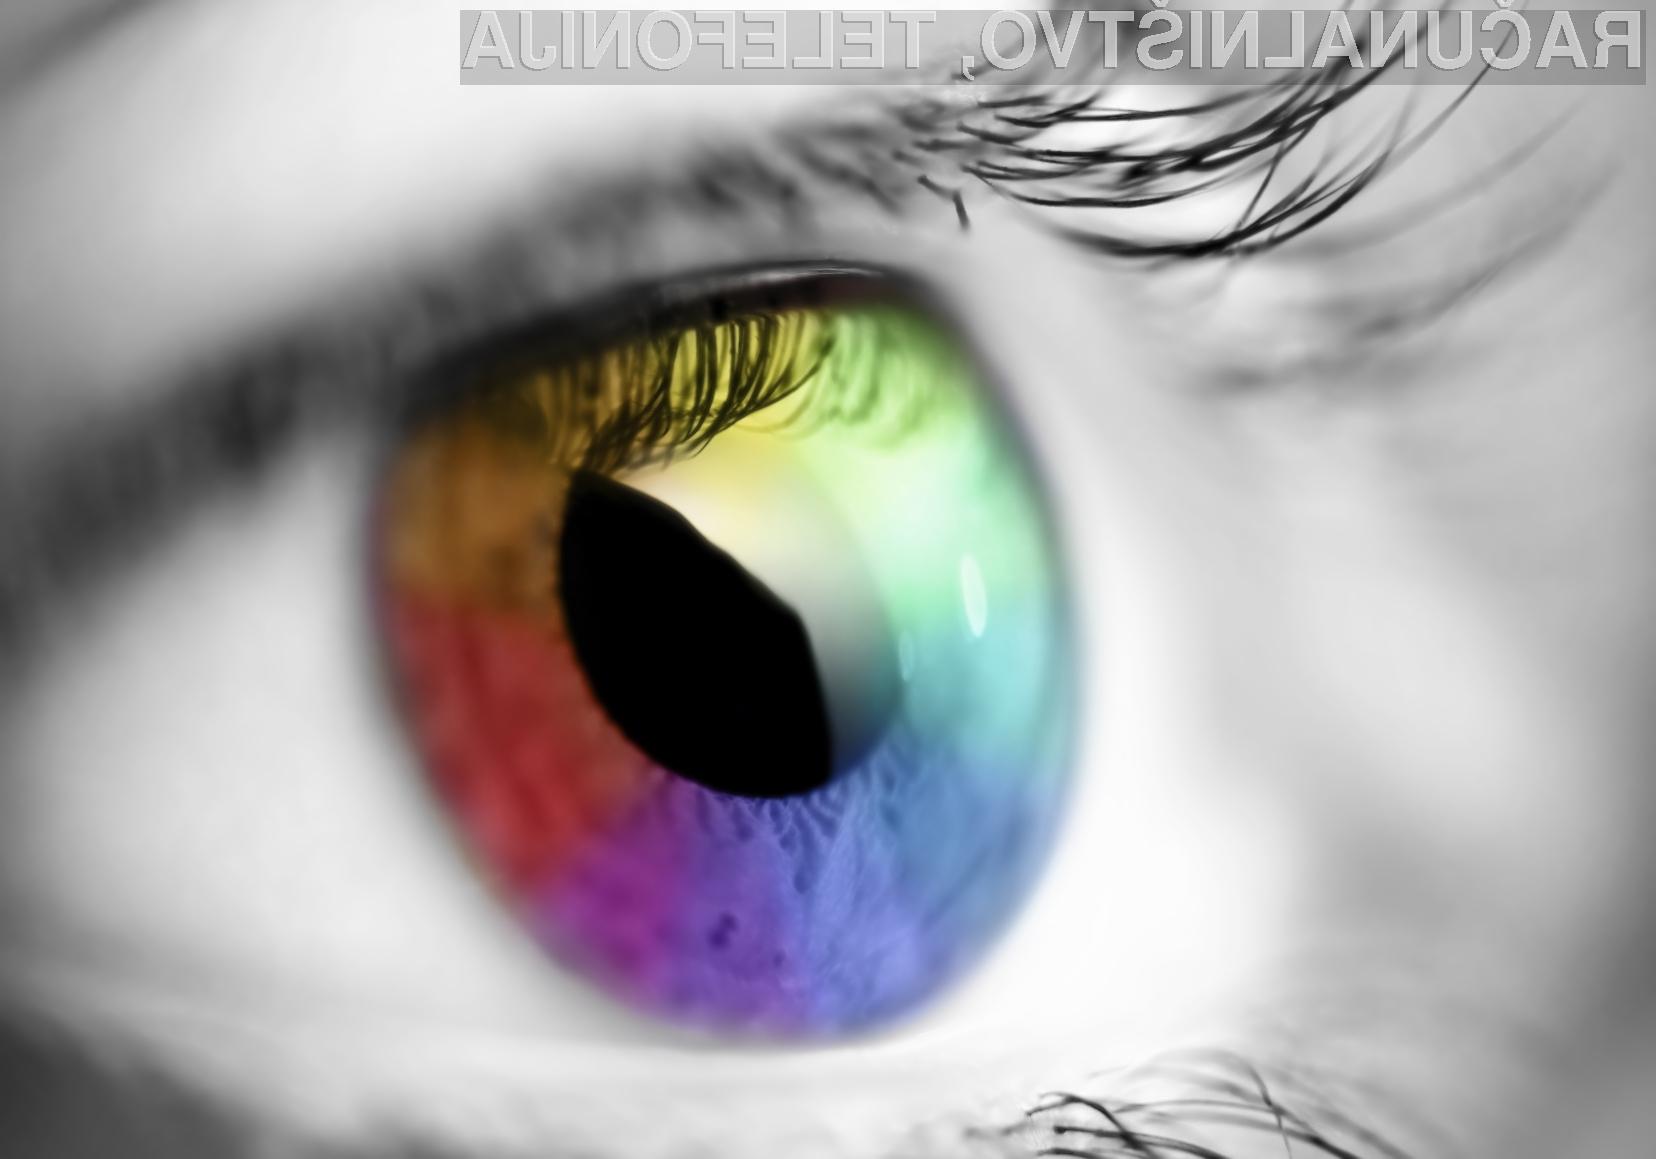 Senseye za svoje delovanje uporablja kamero in LED diode, polprevodniške elemente, ki oddajajo infrardečo svetlobo za nadzor oči.